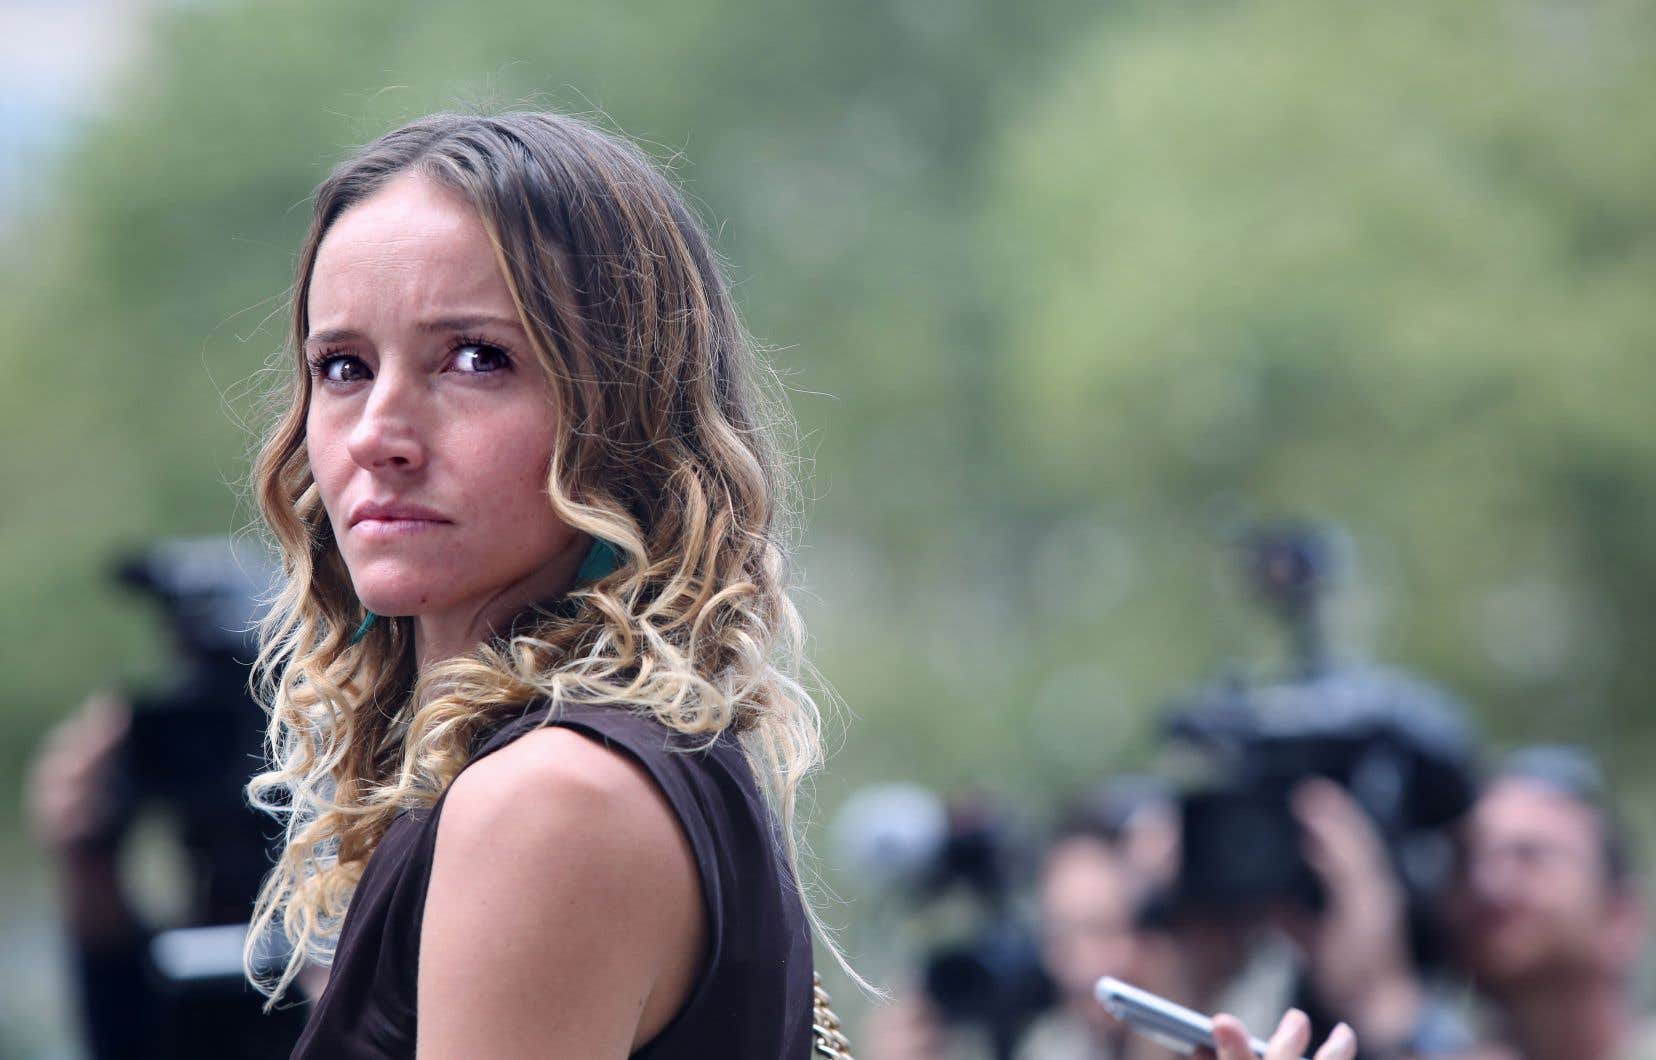 Plusieurs des victimes du financier, dont fait partie Teala Davies, se sont décrites lors de leur audience comme des survivantes.